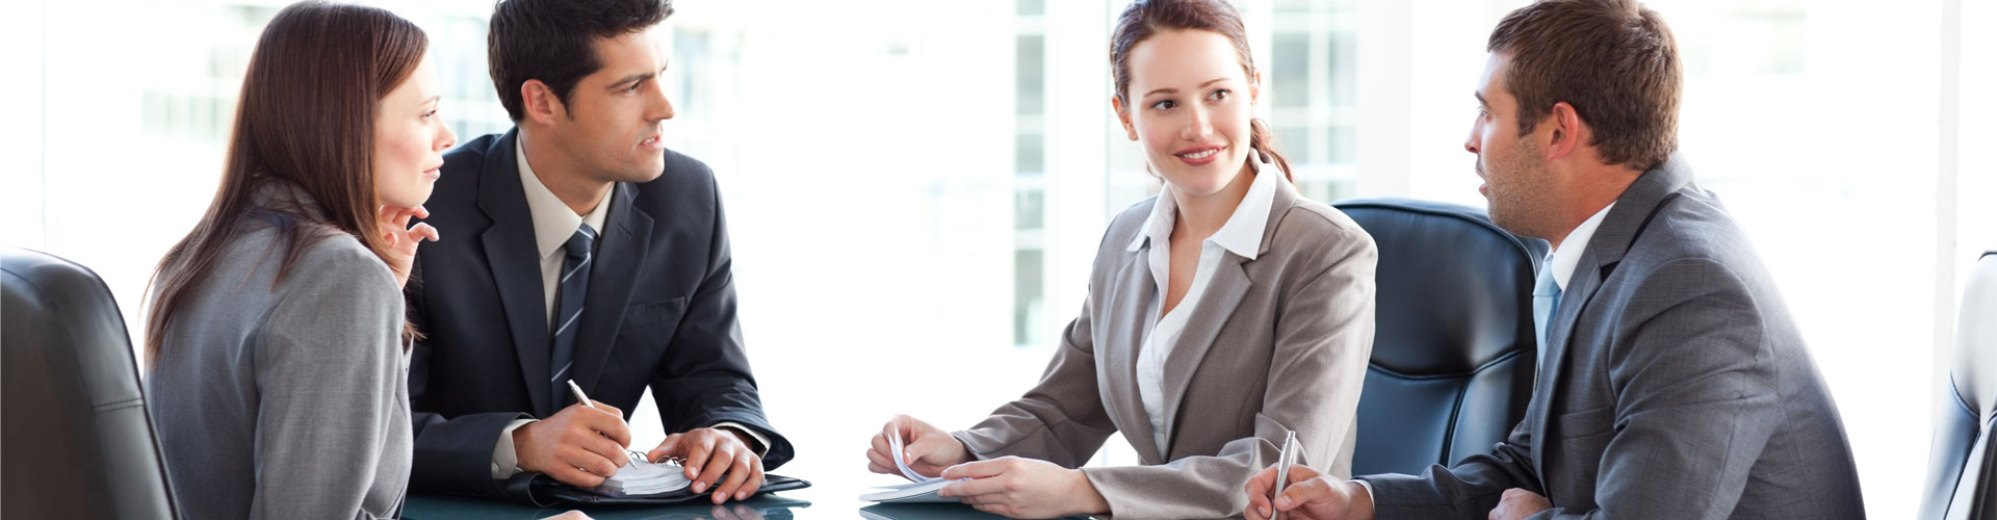 Багратионовская Юридическая консультация, Юристы, Адвокаты